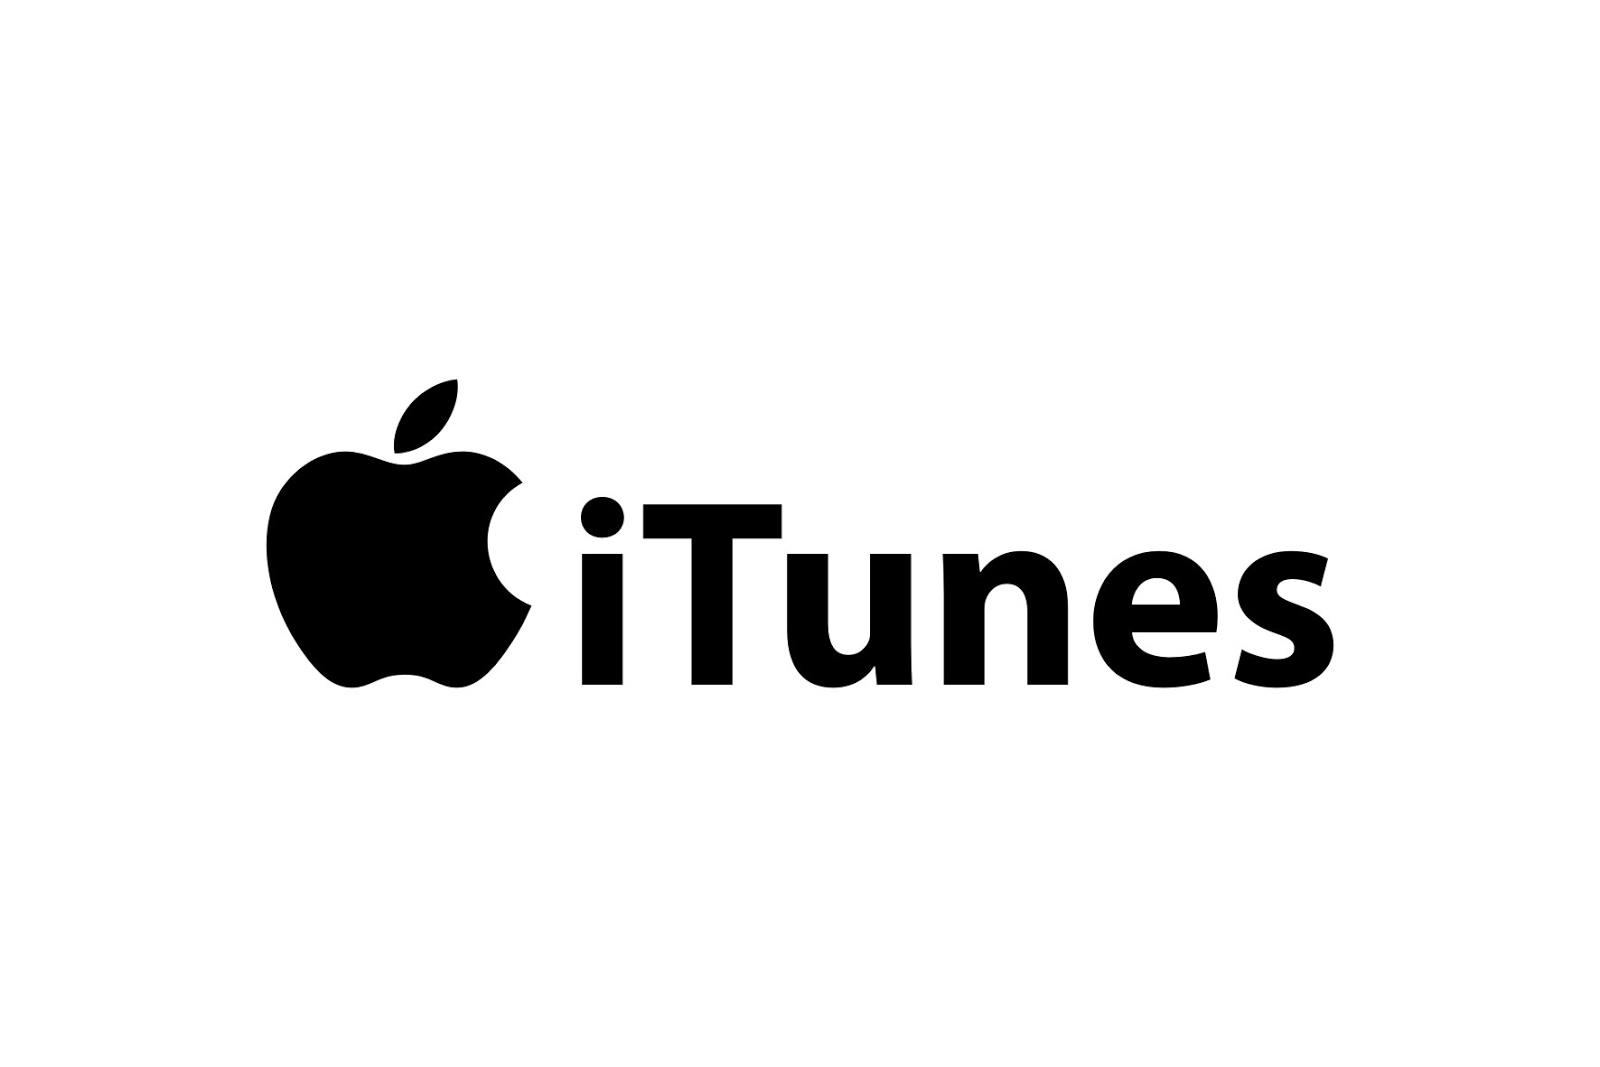 itunes logo rh logo share blogspot com itunes vector logo download itunes vector logo download